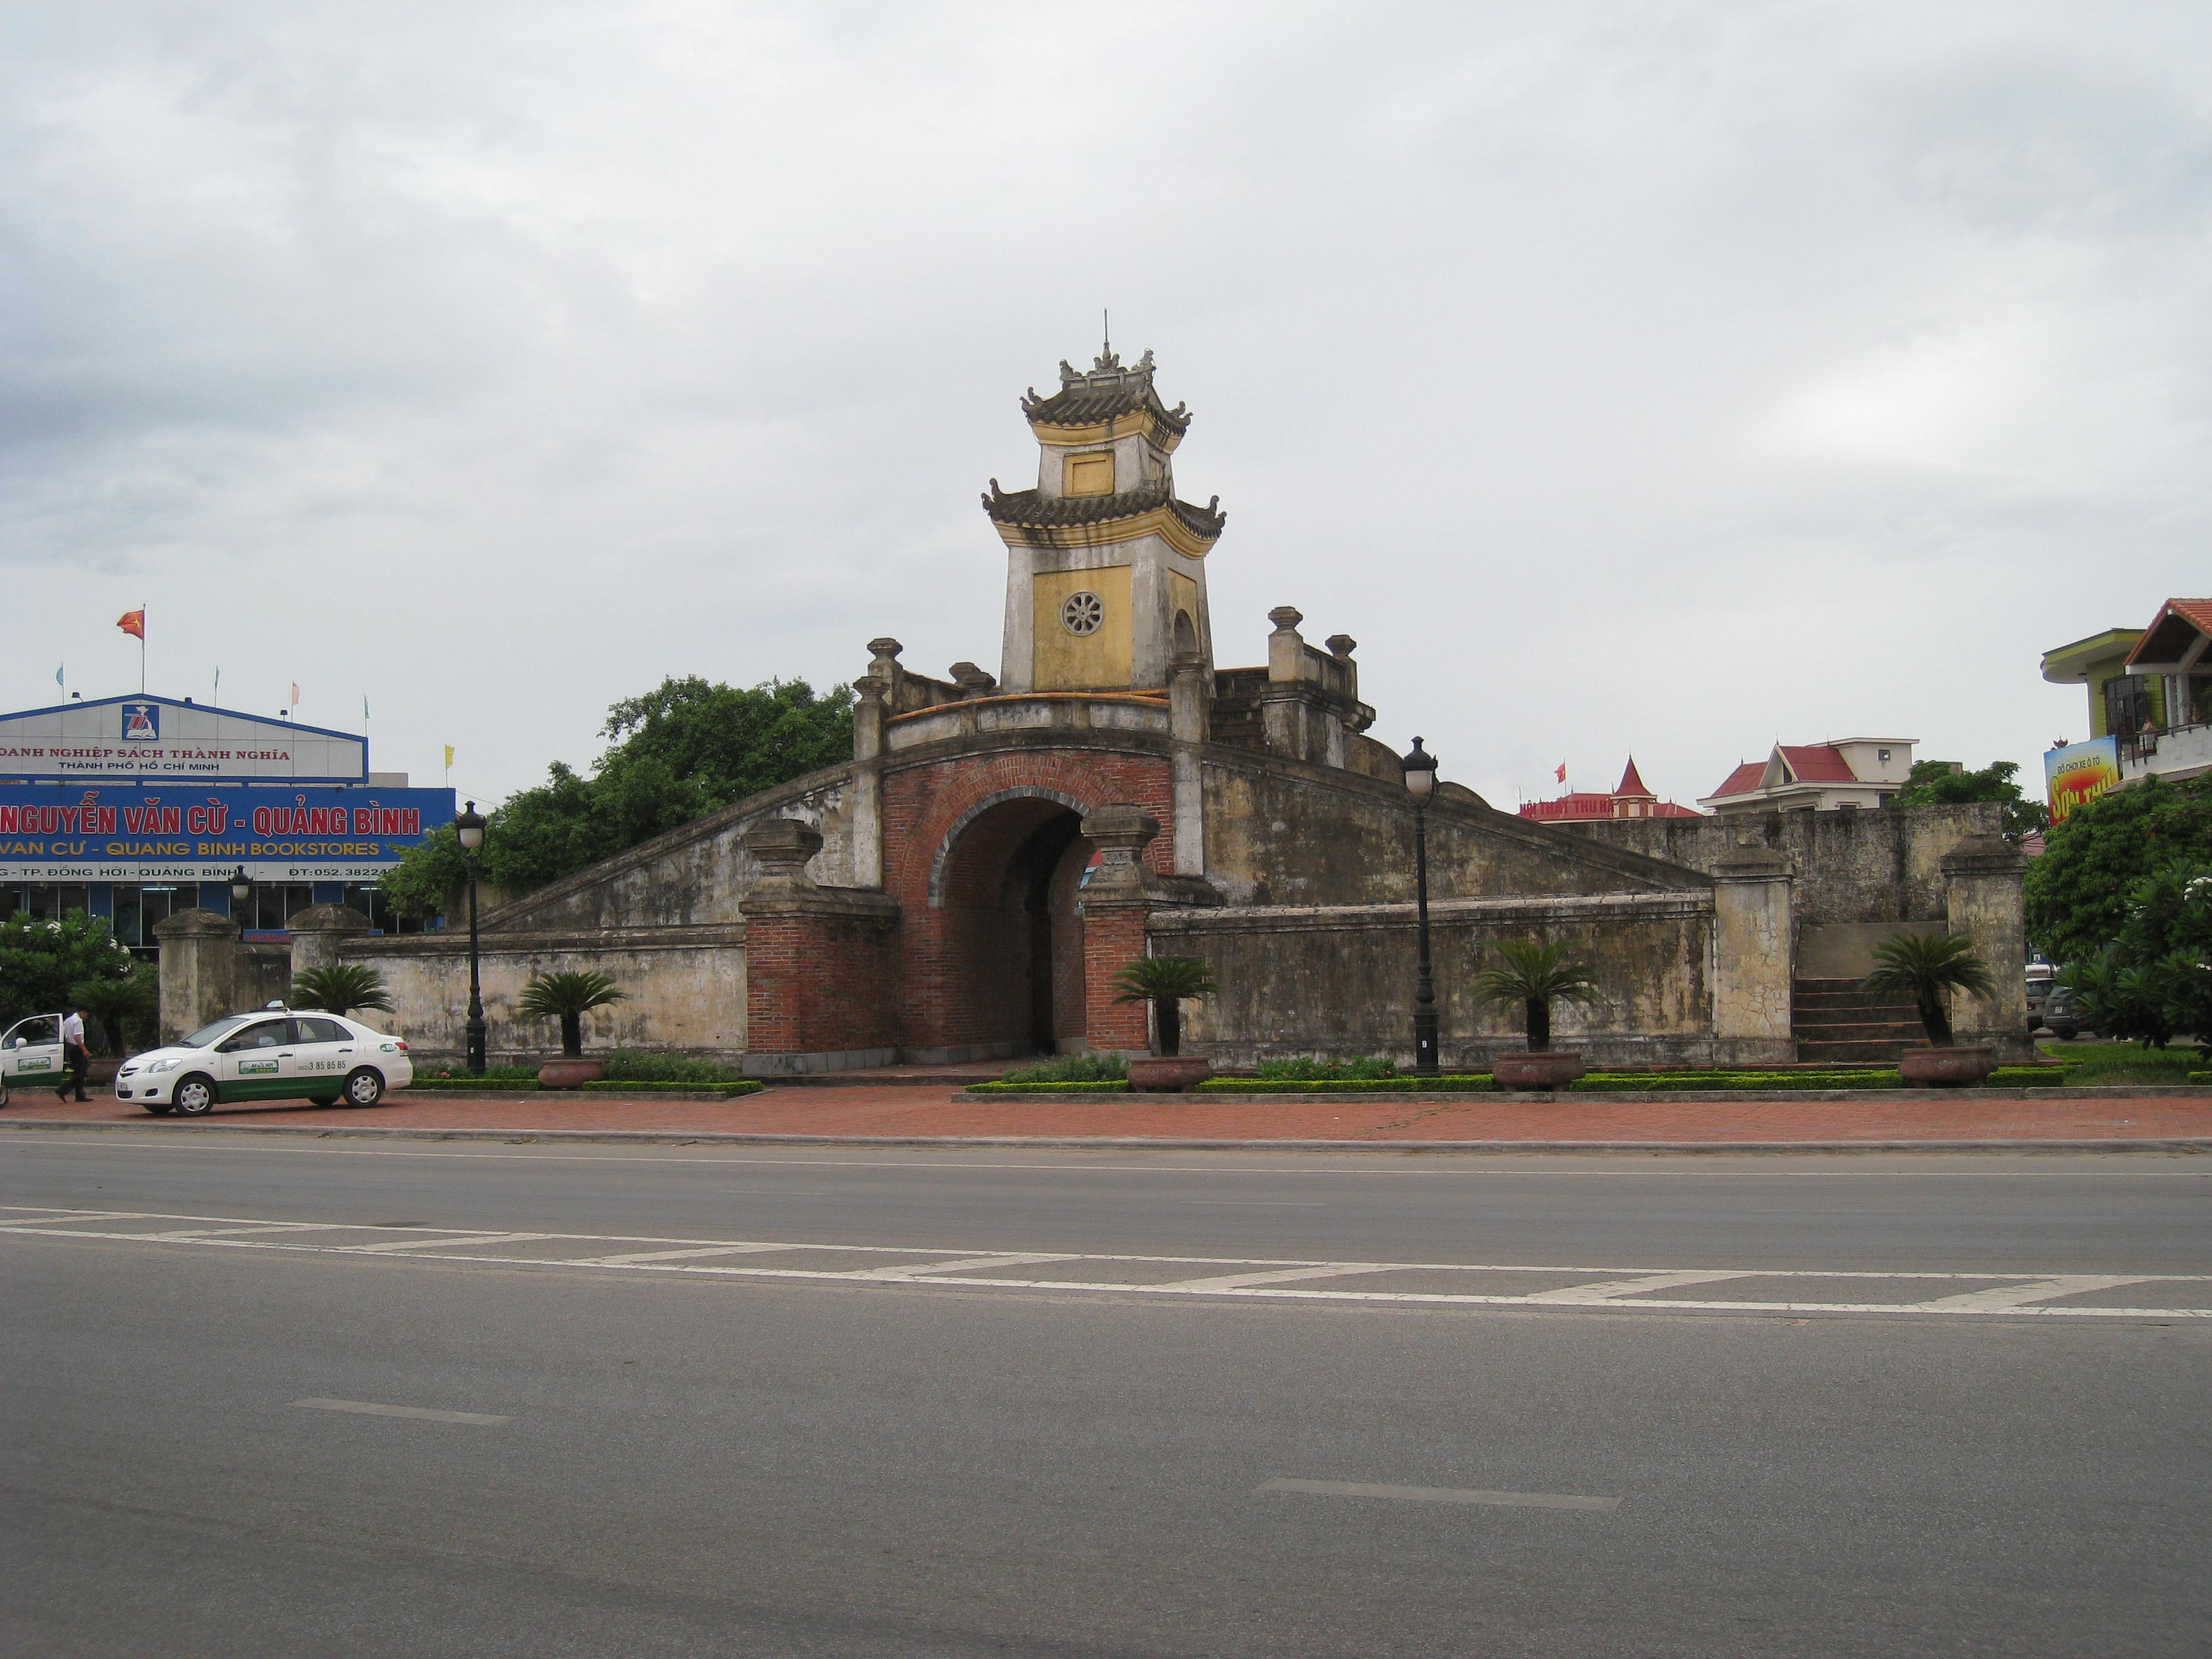 Bán nhớt Castrol giá rẻ tại Quảng Bình